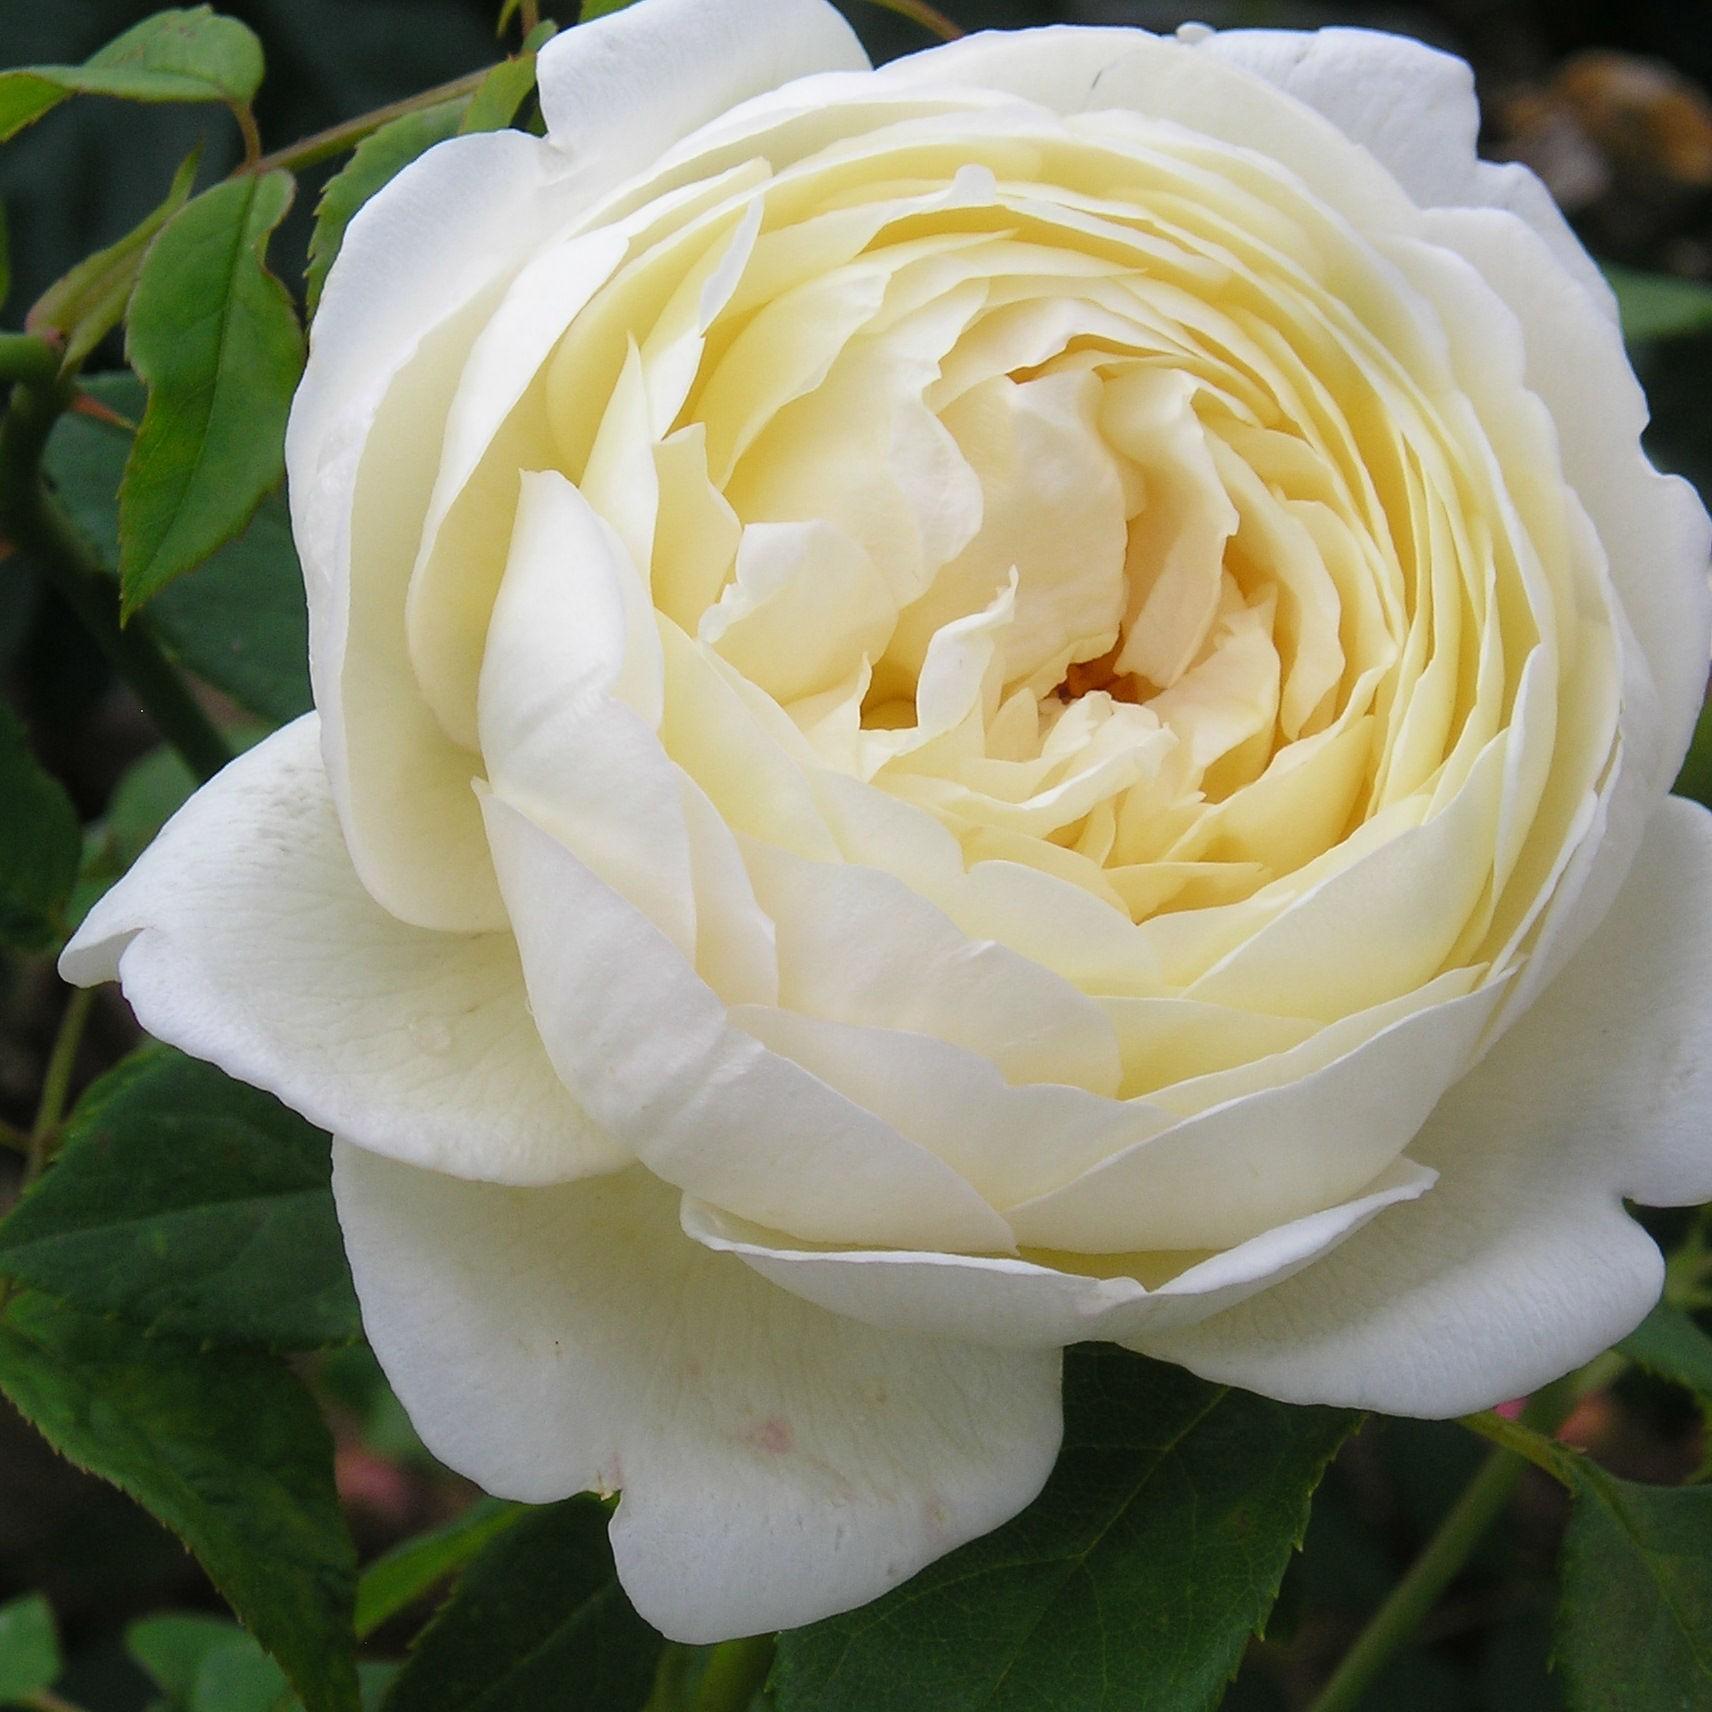 Bông hoa hồng trắng có rất nhiều lớp cánh hoa